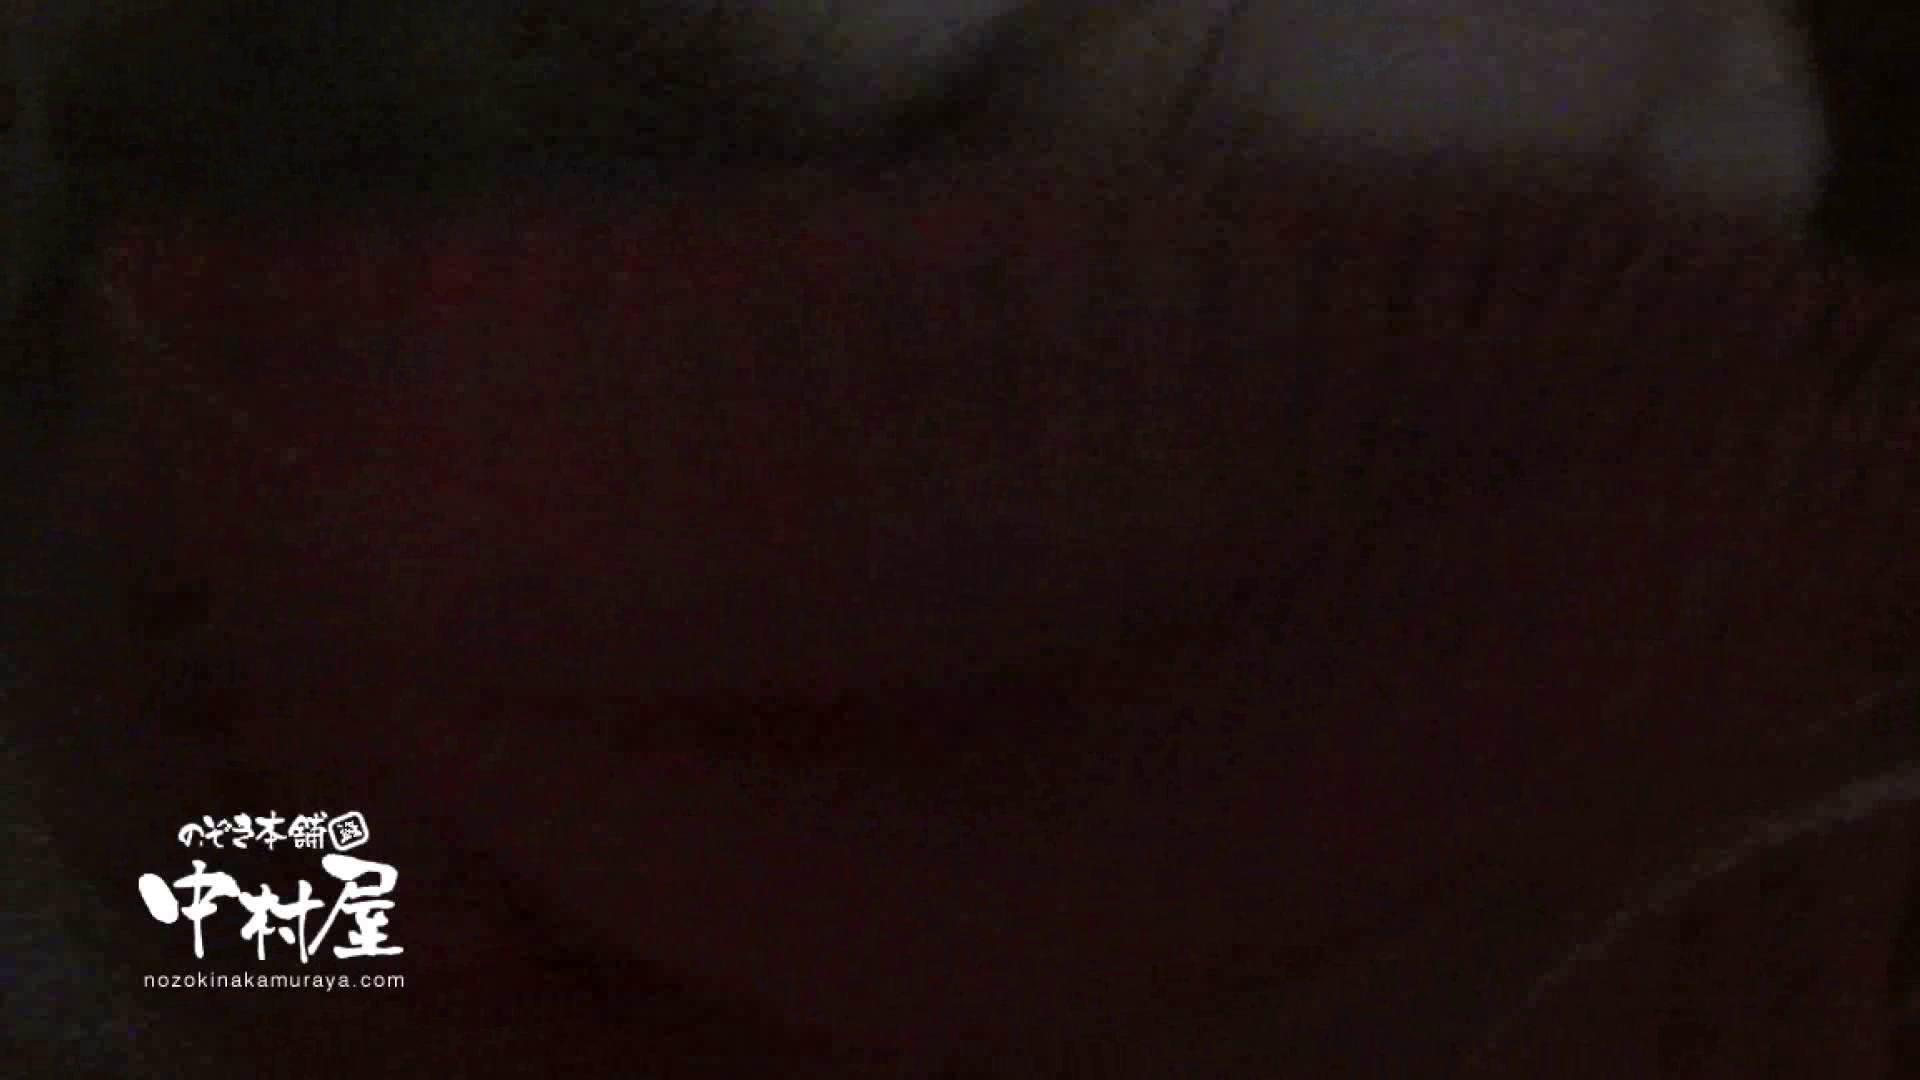 鬼畜 vol.02 もうやめて! 後編 OLセックス | 鬼畜  74画像 71